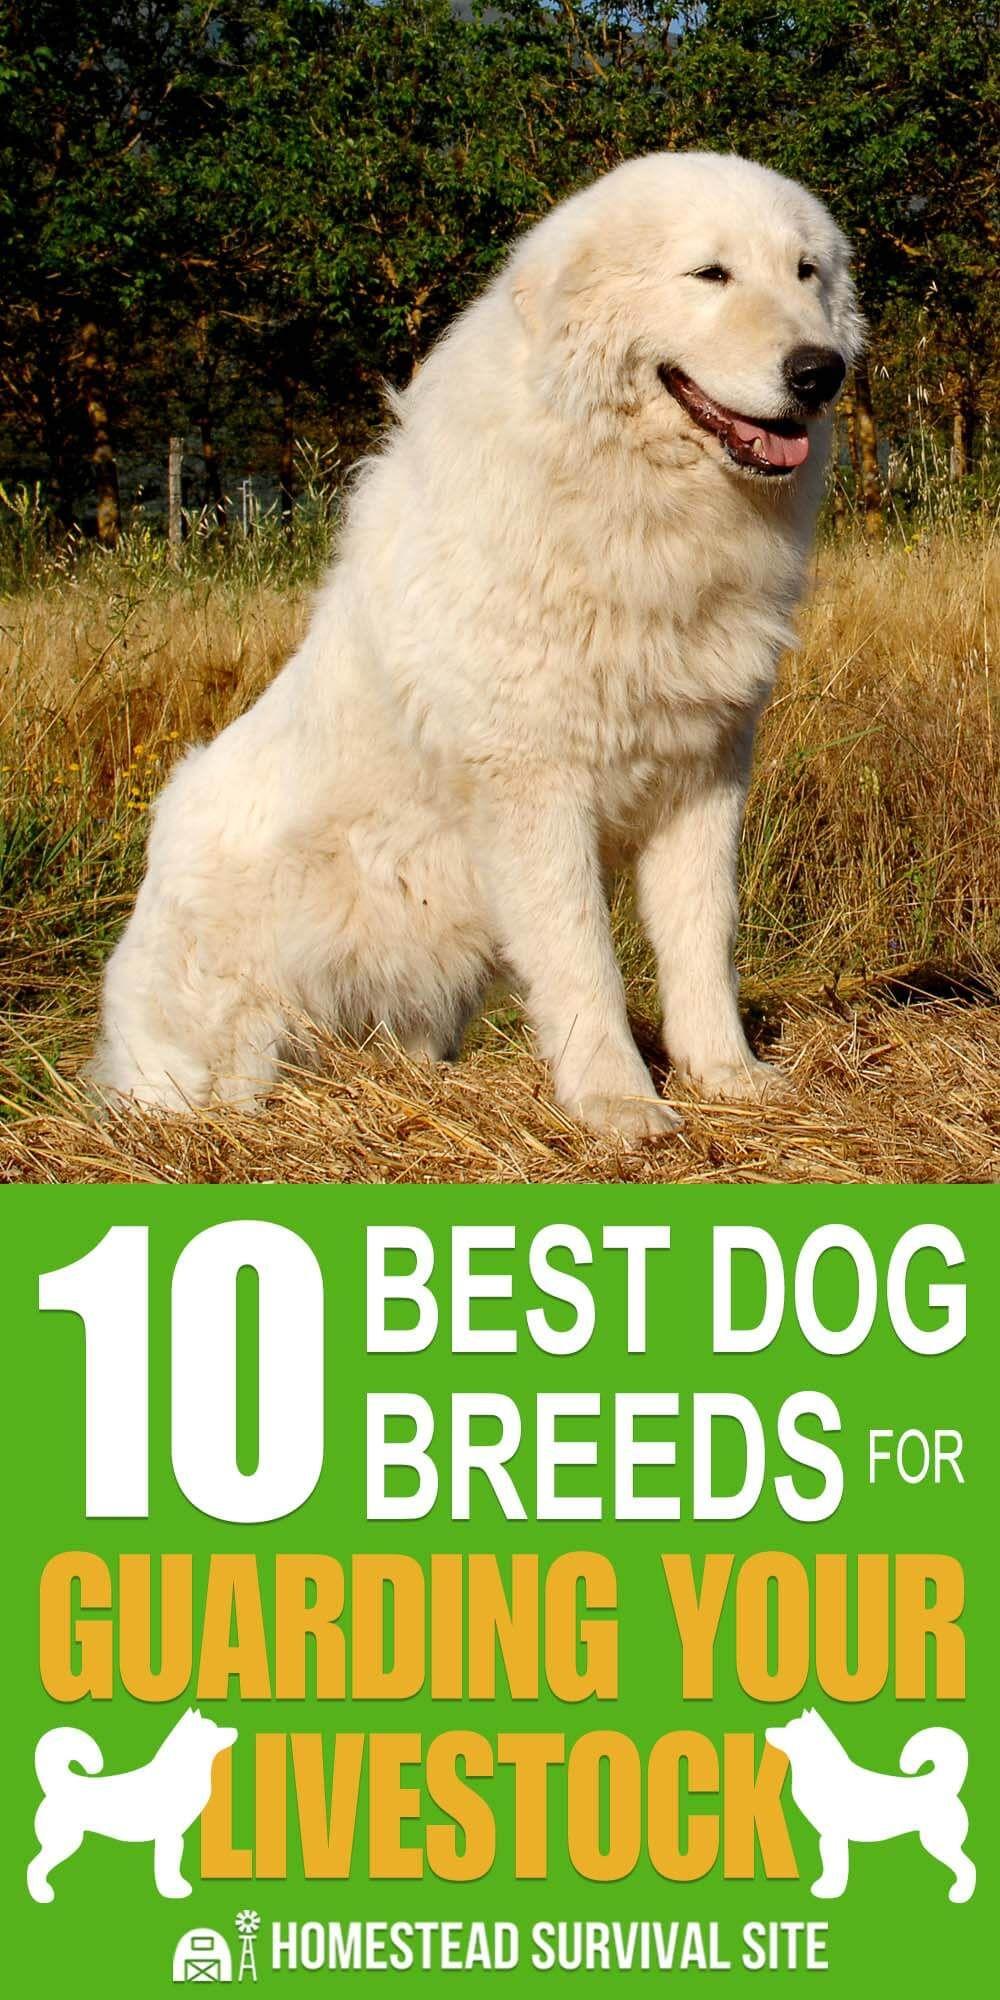 10 Best Dog Breeds For Guarding Your Livestock Best Dog Breeds